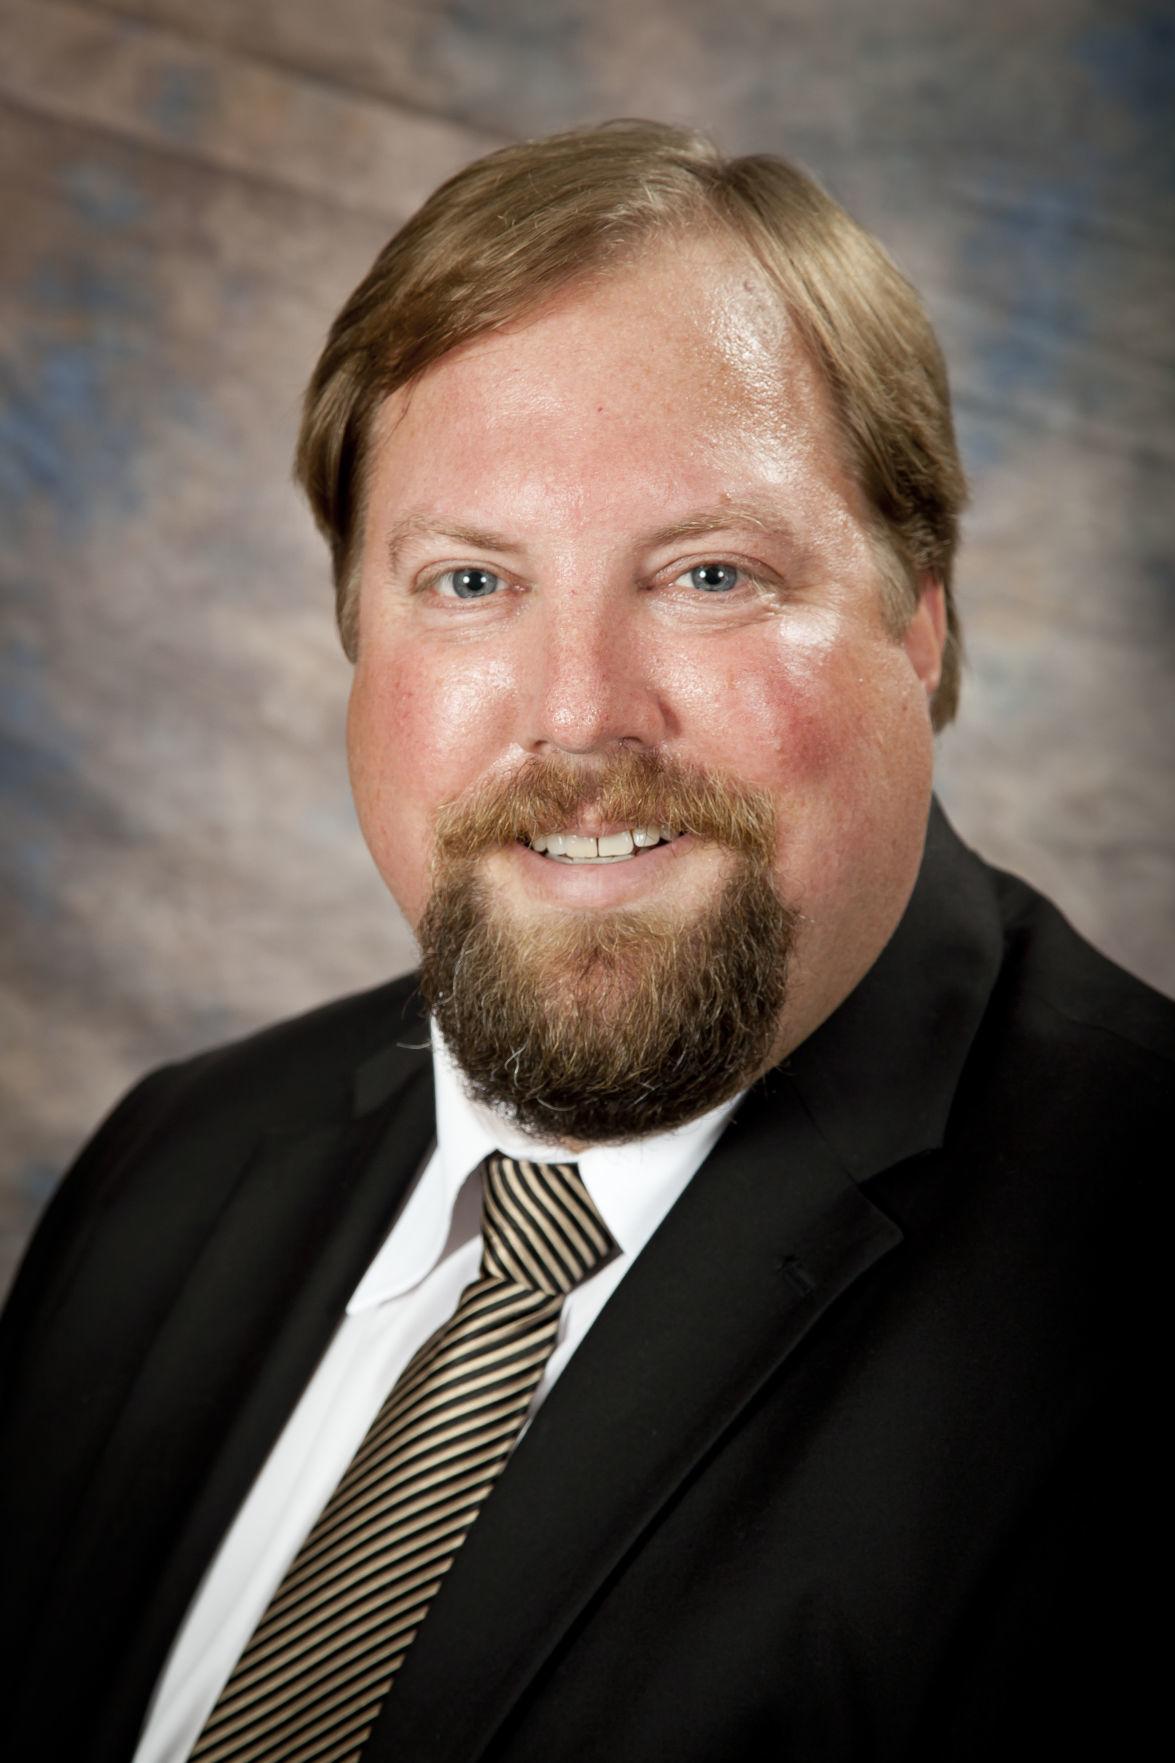 Dr. Scott Staples